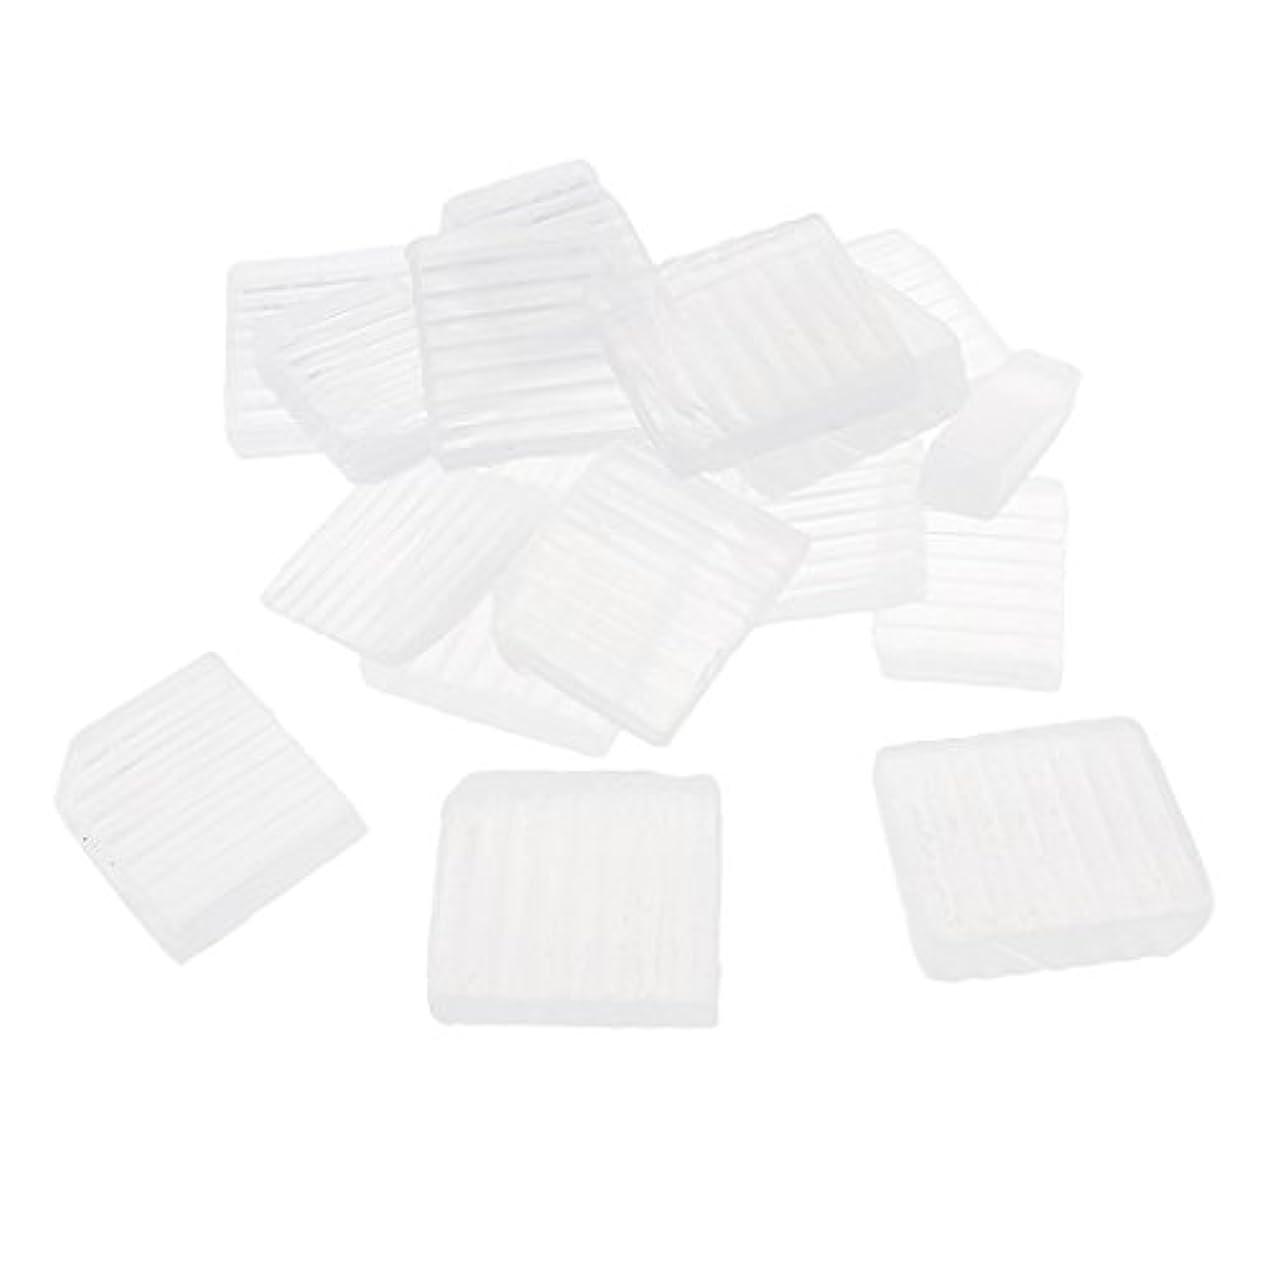 卒業まだミルクP Prettyia 透明 石鹸ベース DIY 手作り 石鹸 材料 約1 KG DIYギフト